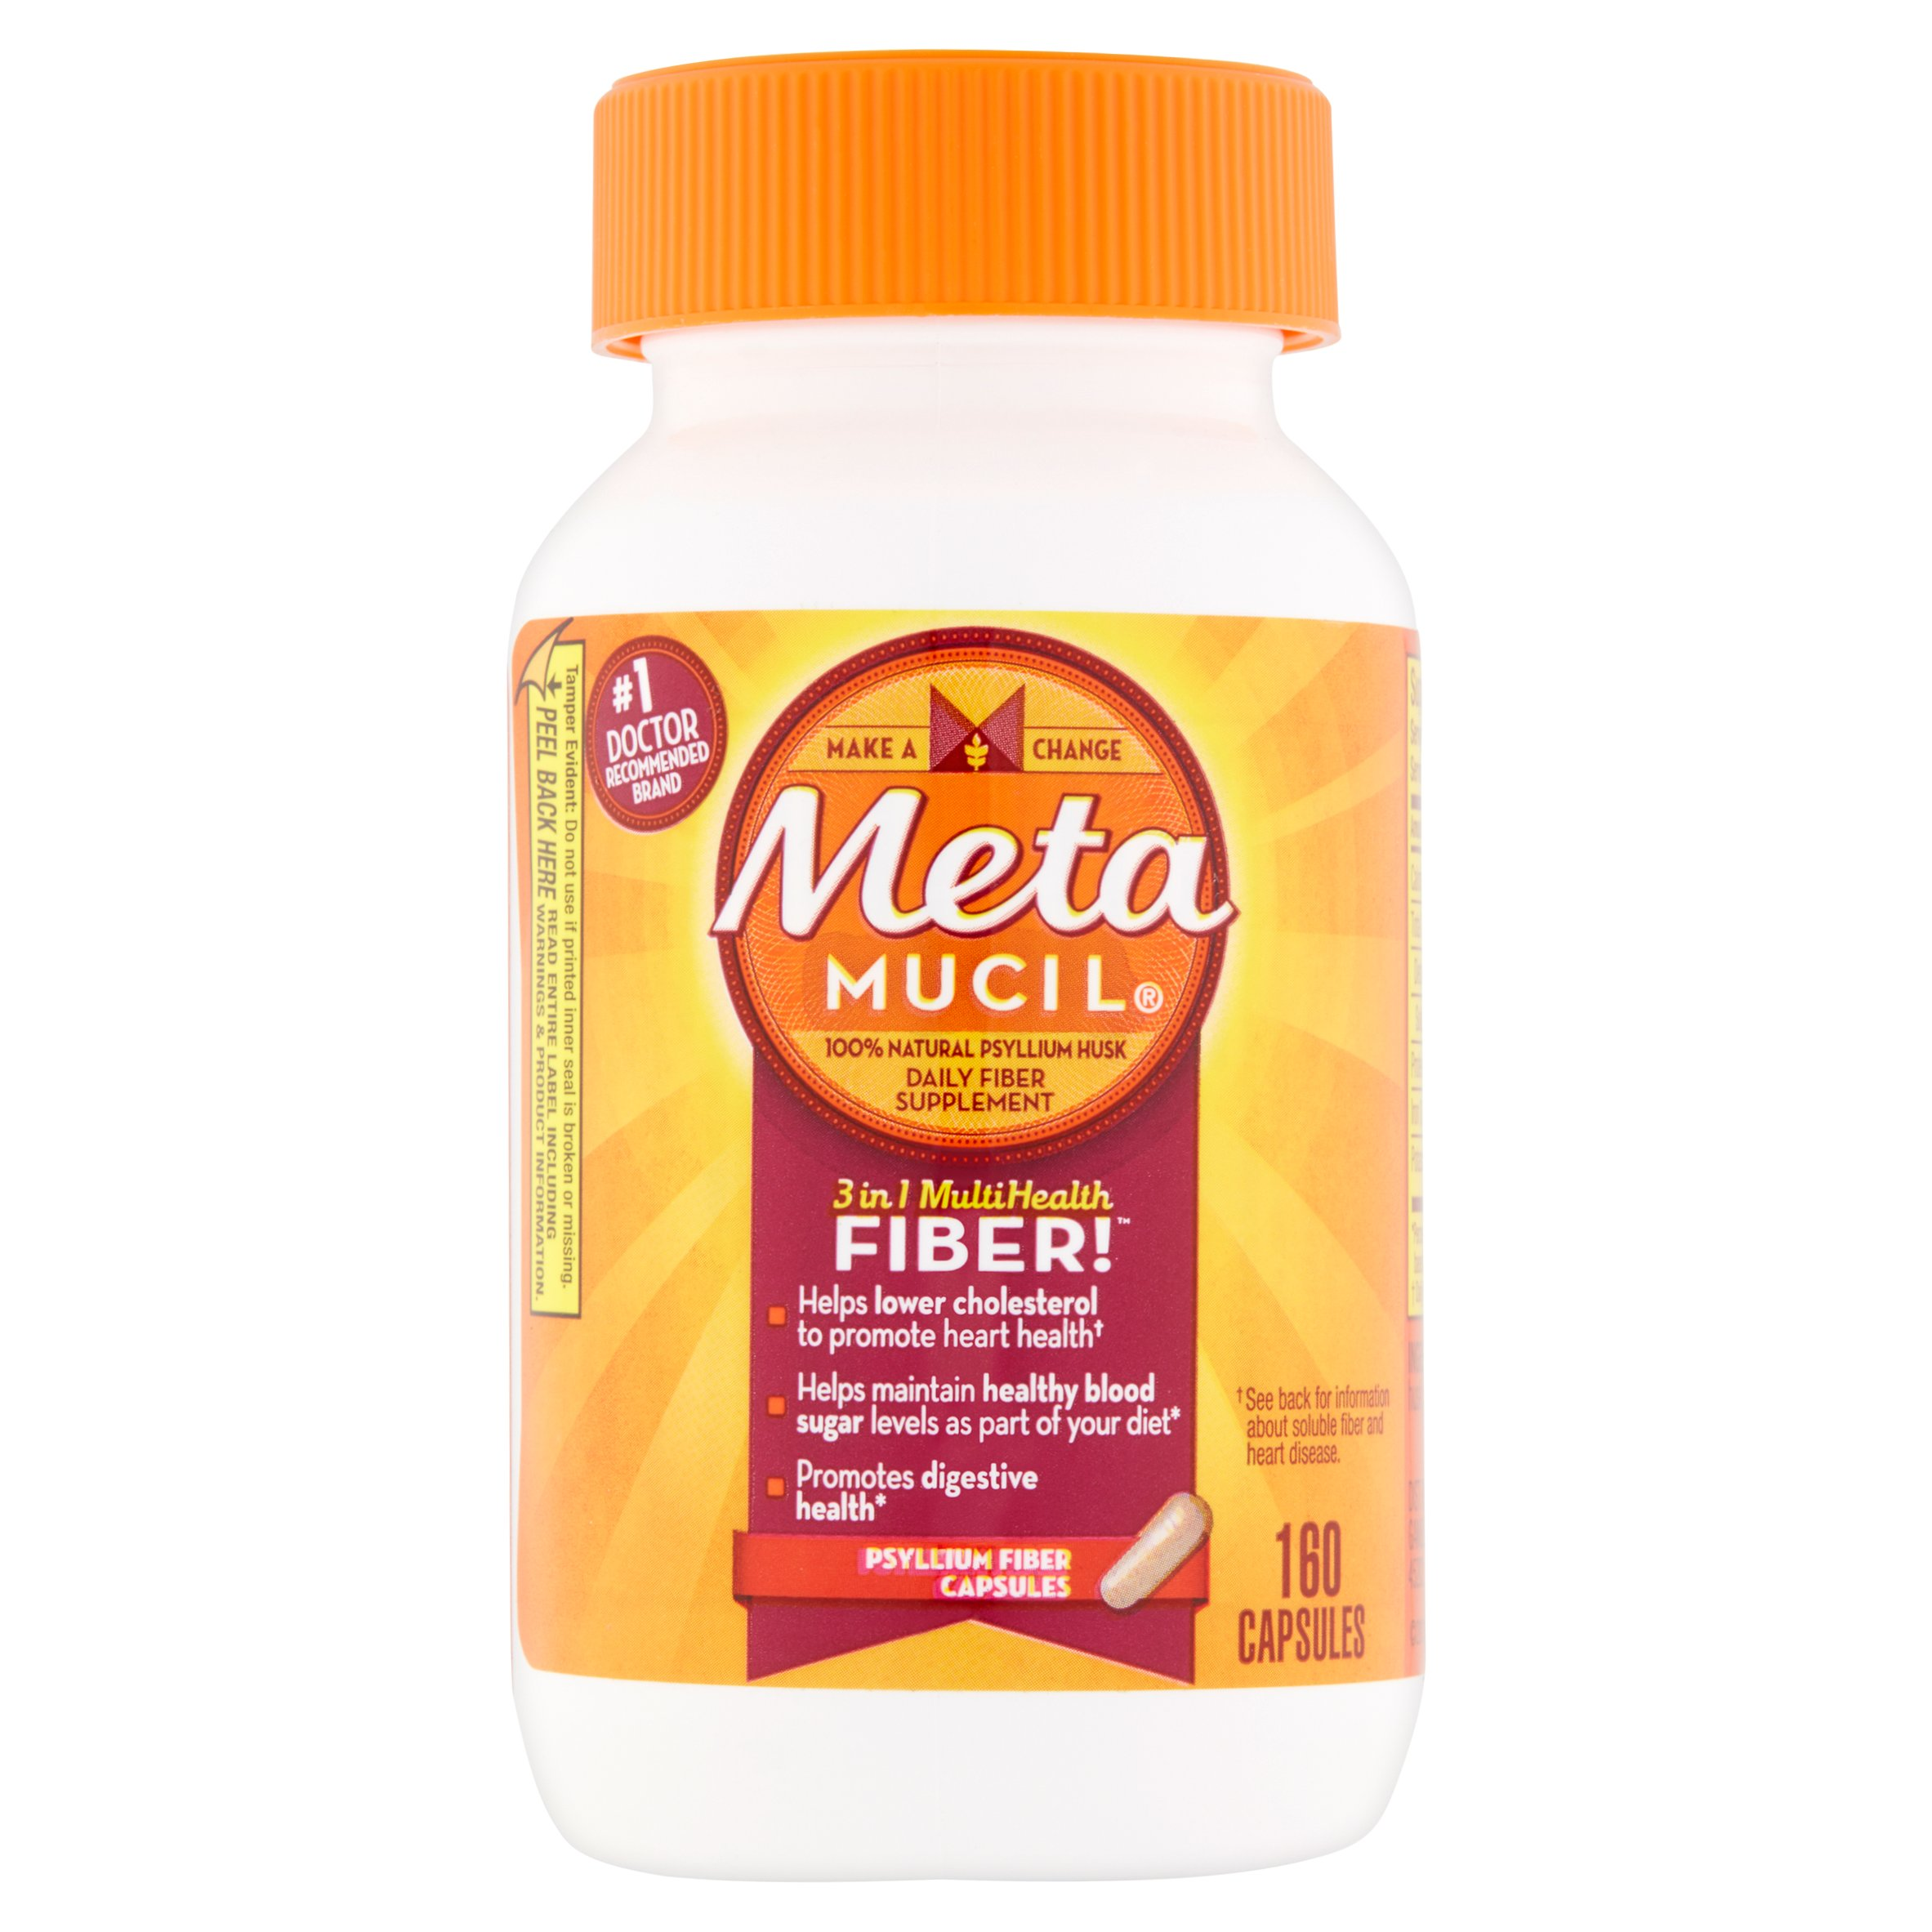 Metamucil 3-in-1 Multi-Health Fiber Supplement Capsules, 160 count